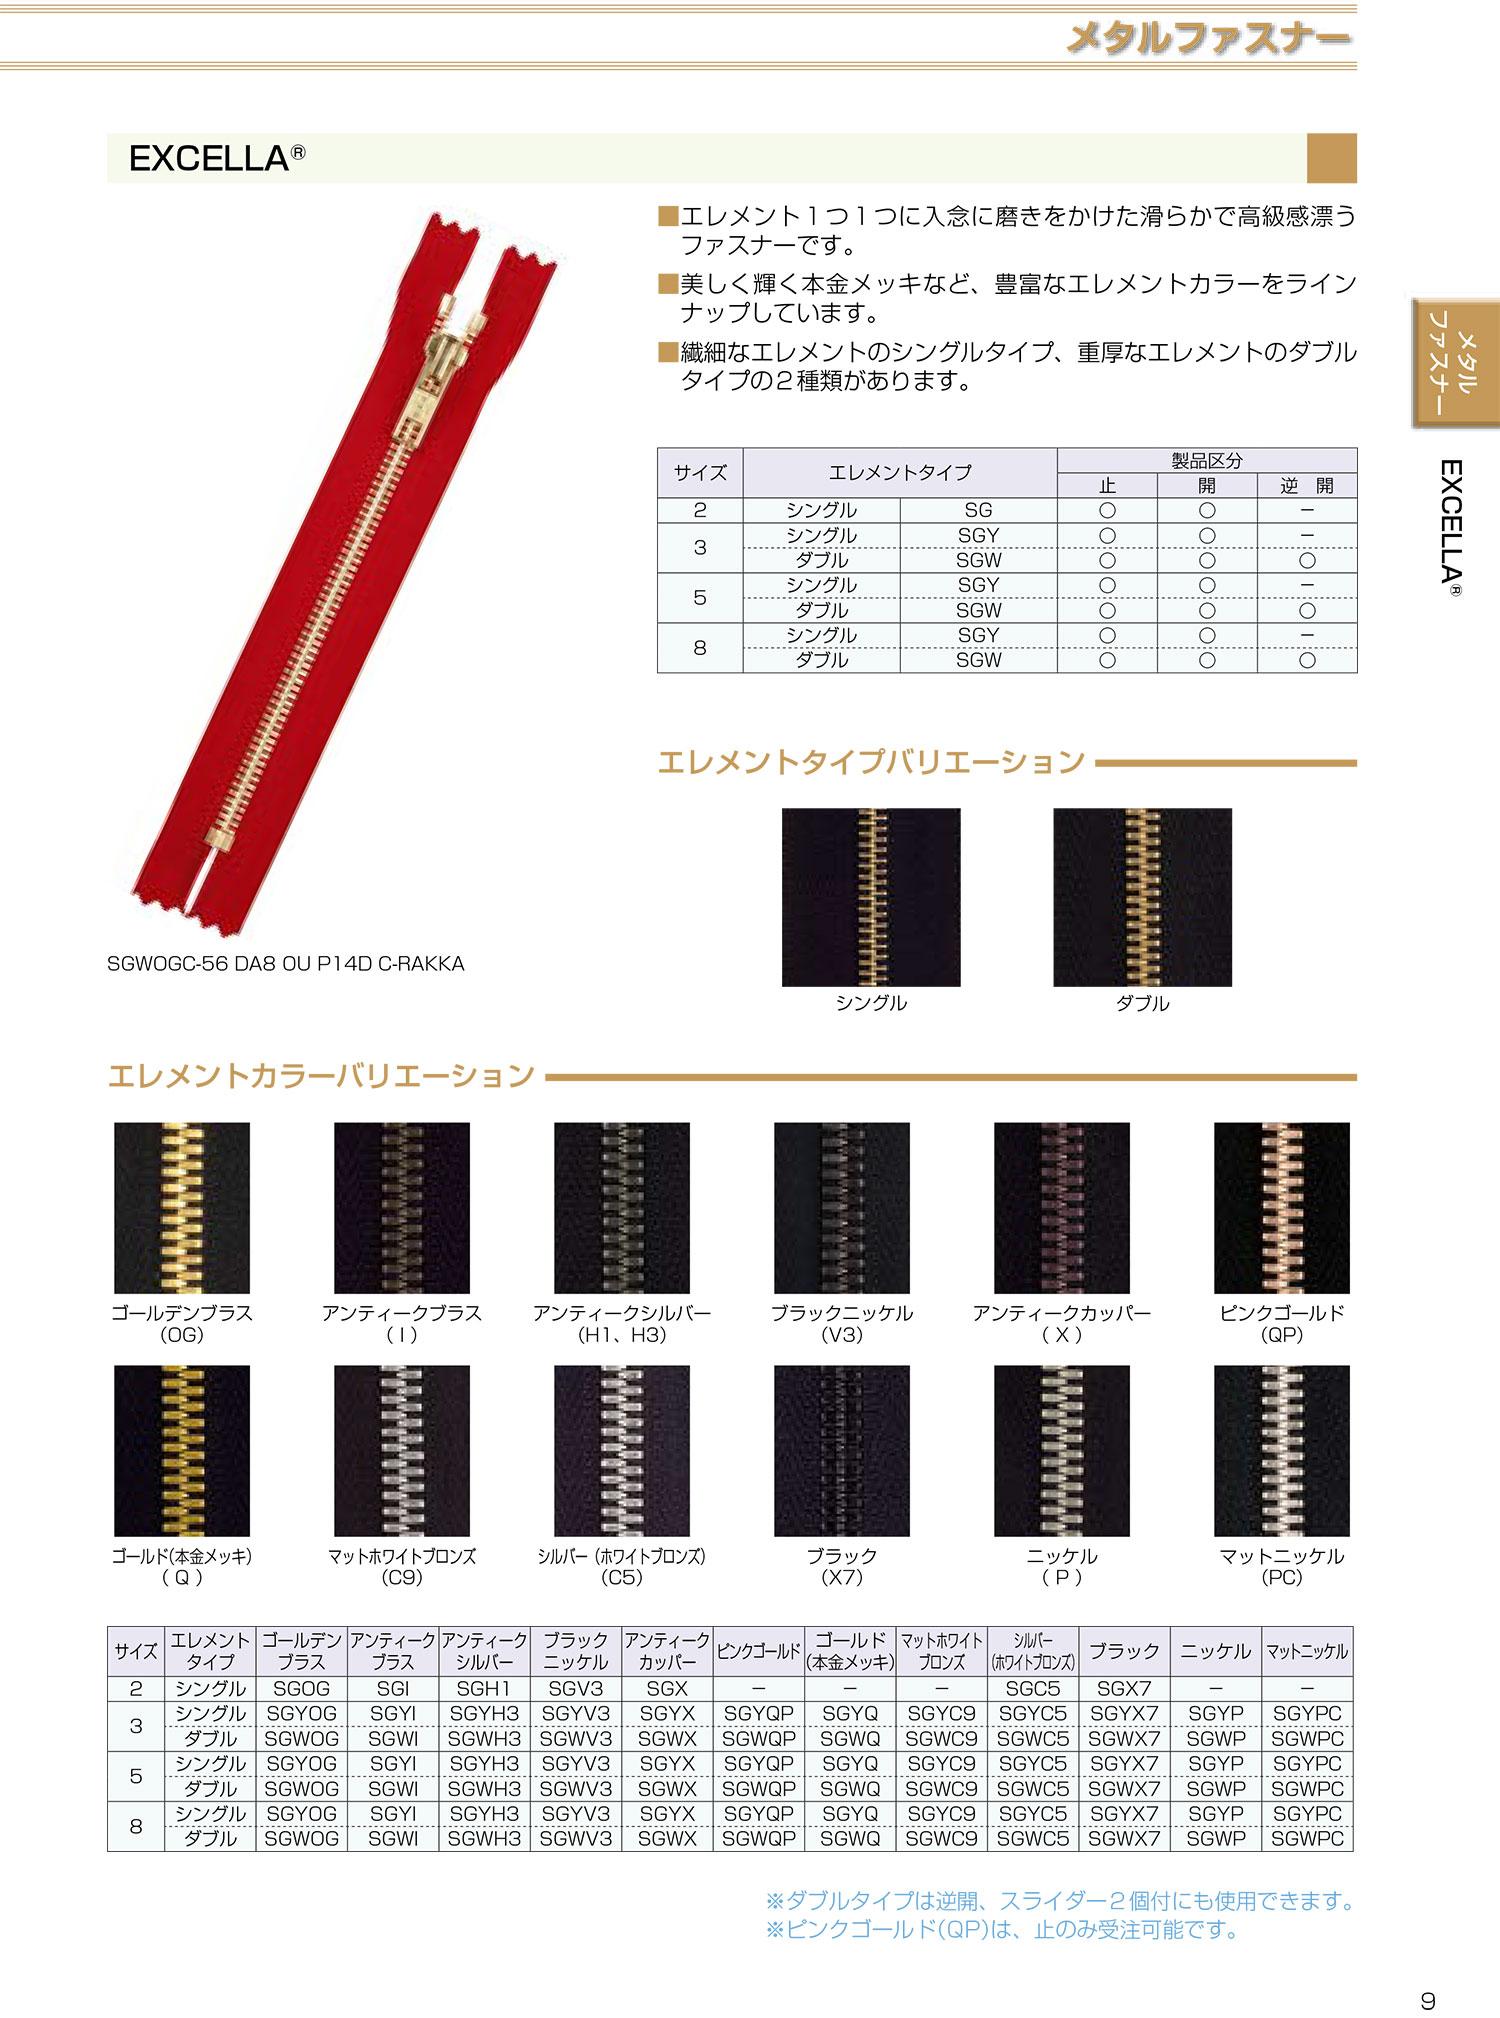 8SGWIC エクセラ 8サイズ アンティークブラス 止め ダブル[ファスナー] YKK/オークラ商事 - ApparelX アパレル資材卸通販